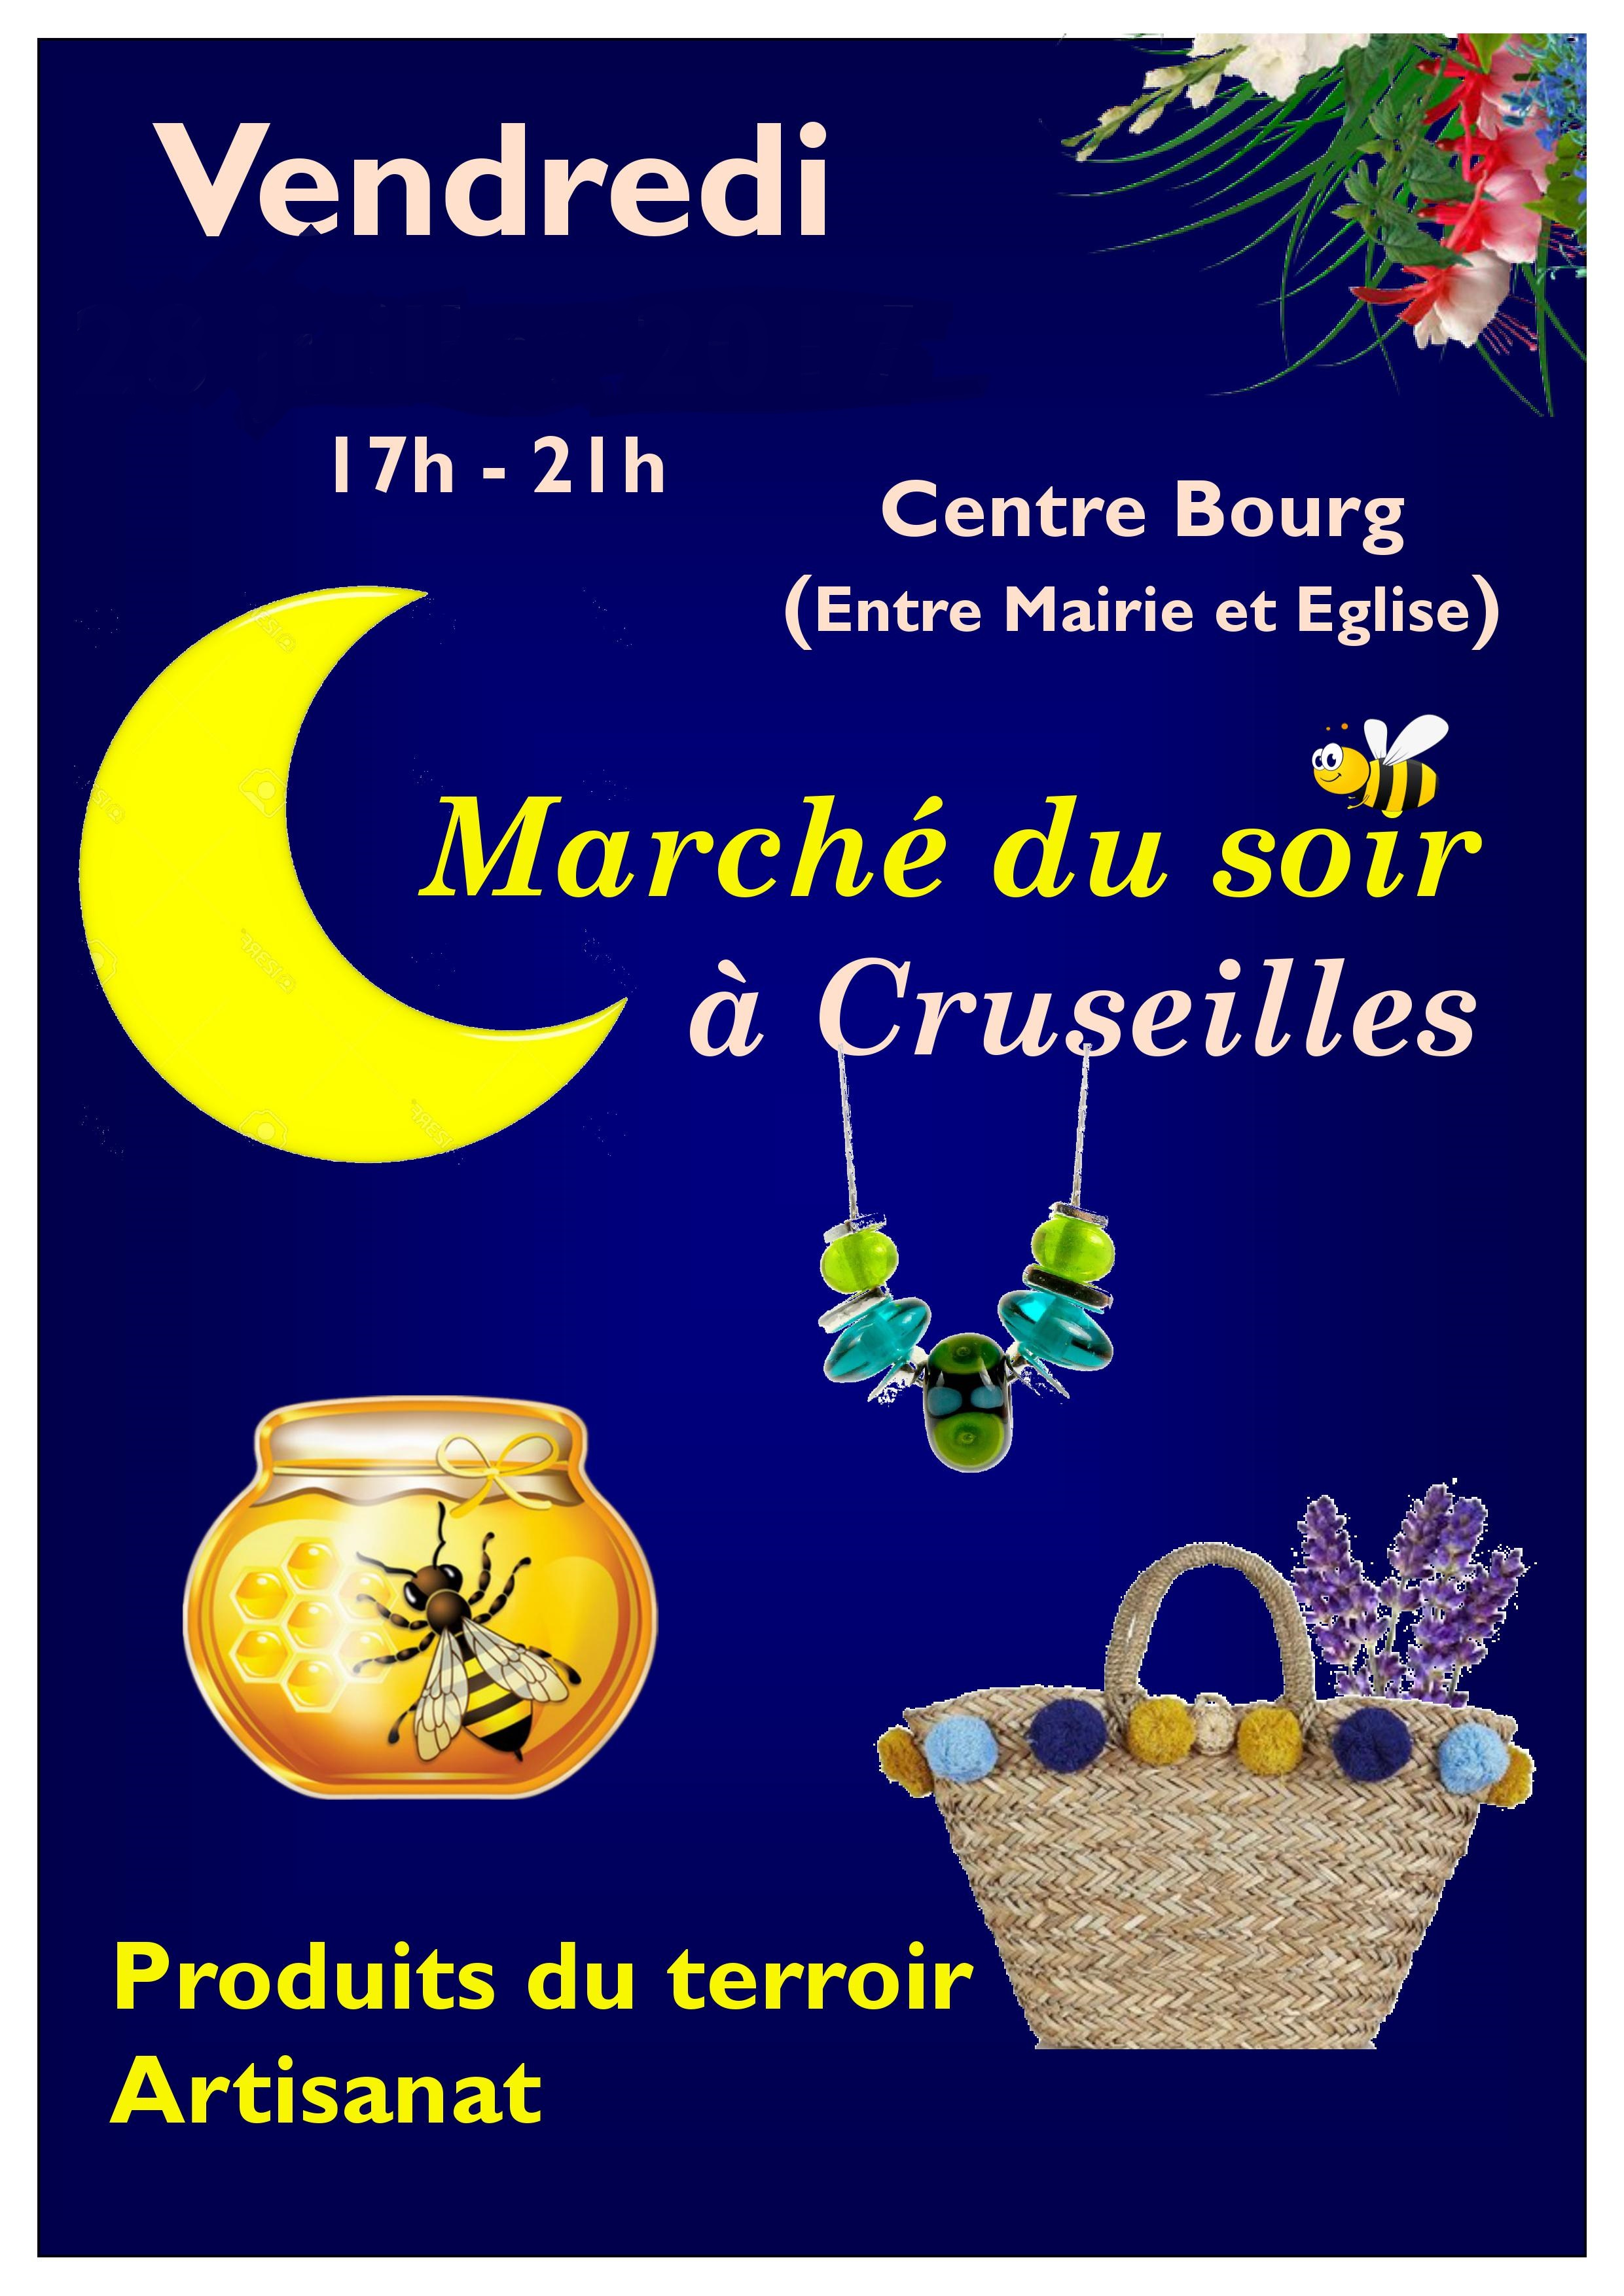 Marché nocturne Cruseilles 31 Août de 17h à 21h